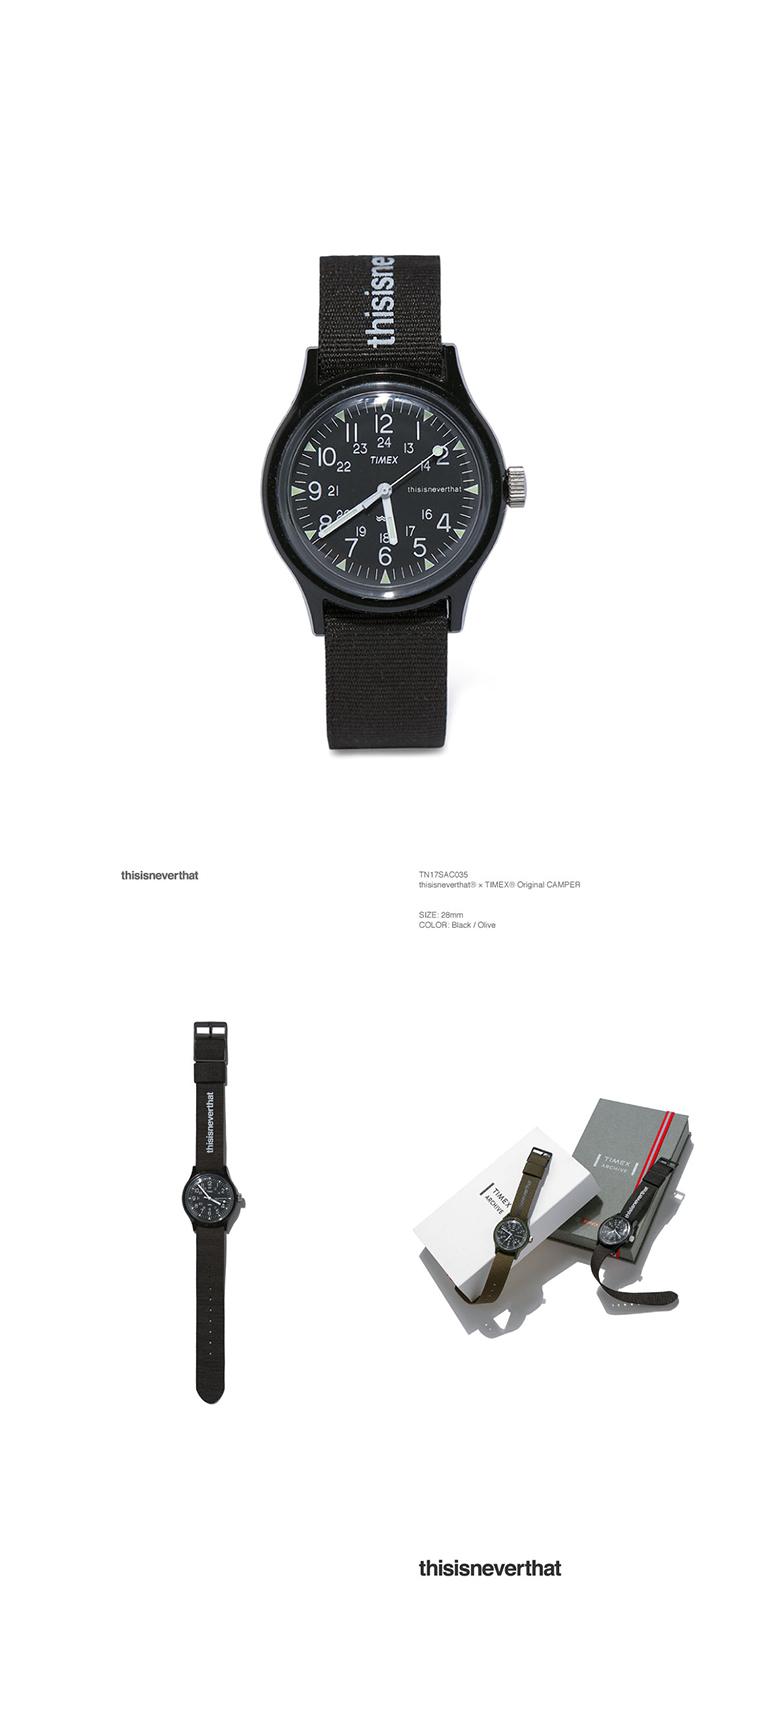 디스이즈네버댓(THISISNEVERTHAT) thisisneverthat ® × TIMEX ® Original CAMPER Black